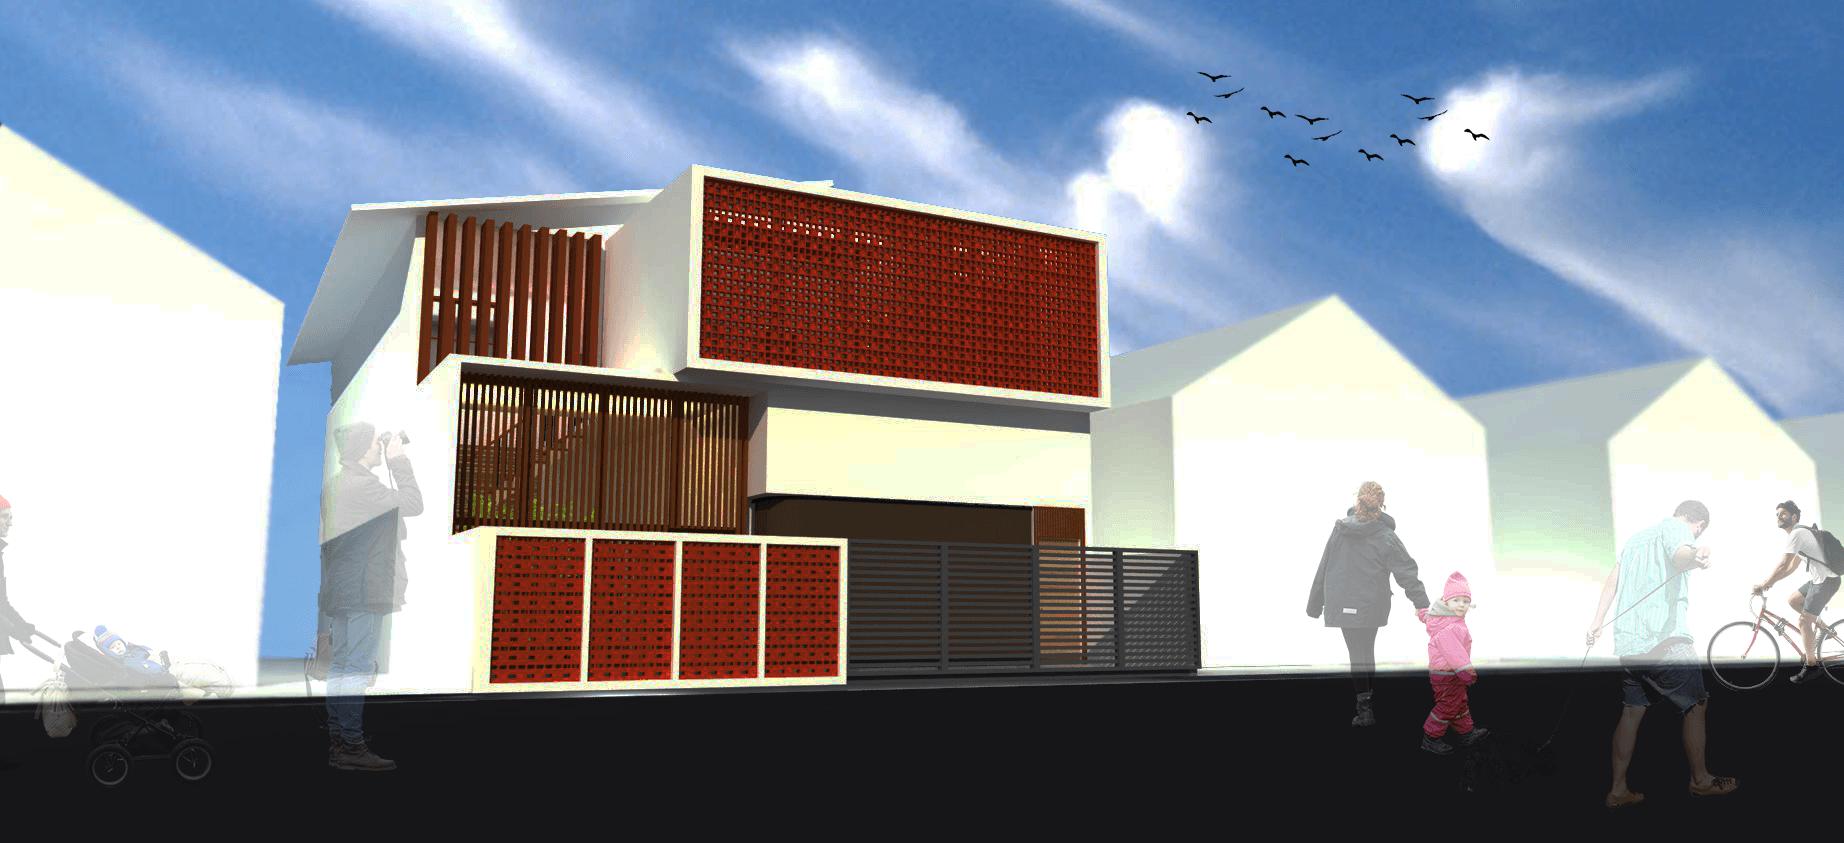 Takhta.aksata Design Rumah Tinggal Dan Make-Up Class Sentul Sentul Eks-1 Kontemporer  14561